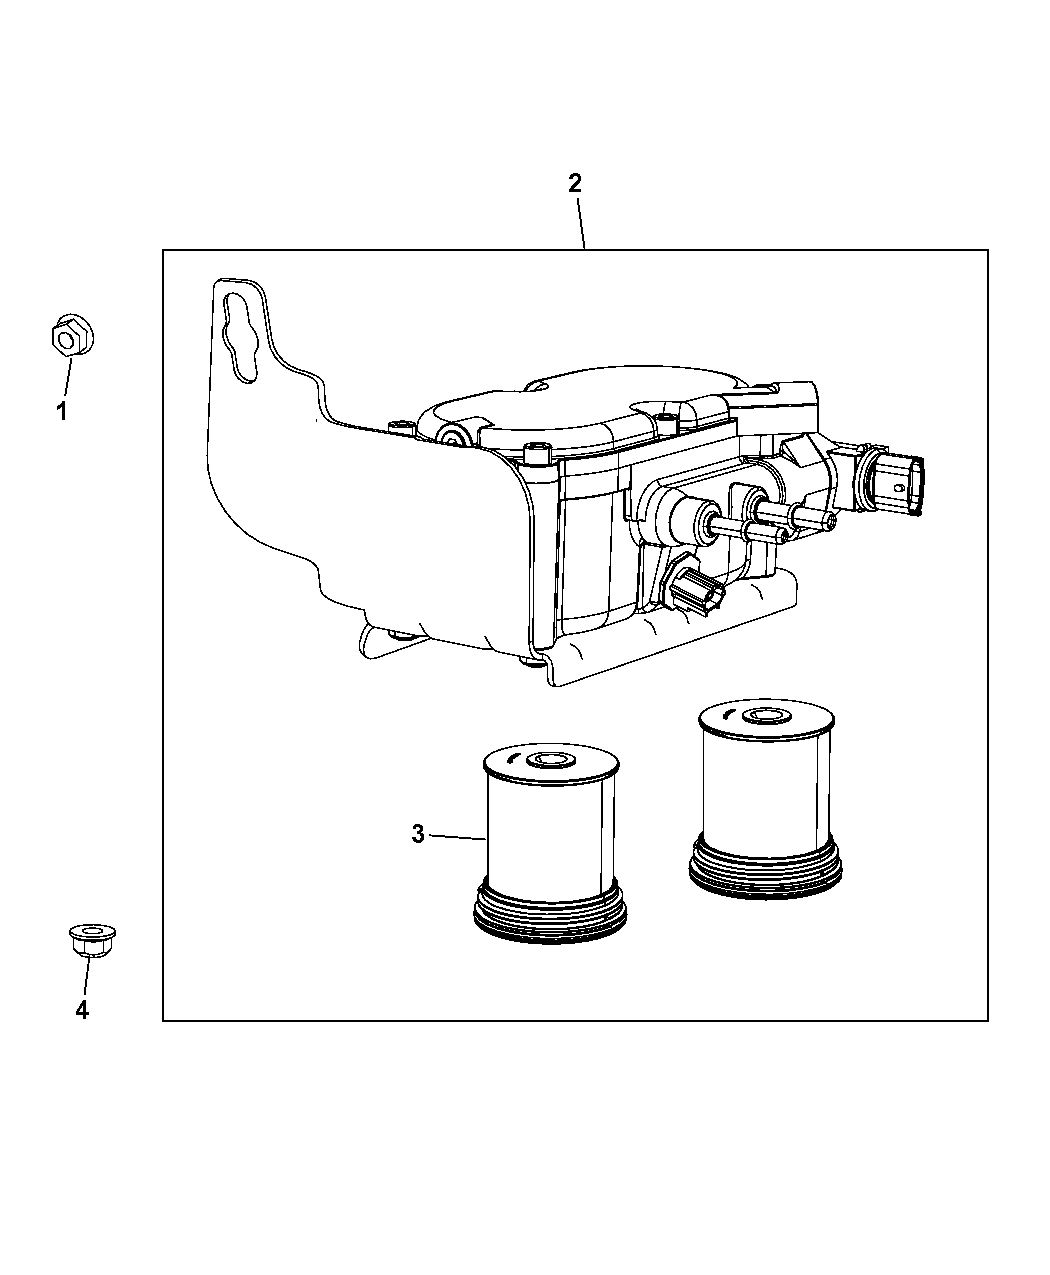 Chrysler 300 Fuel Filter Amp Water Separator